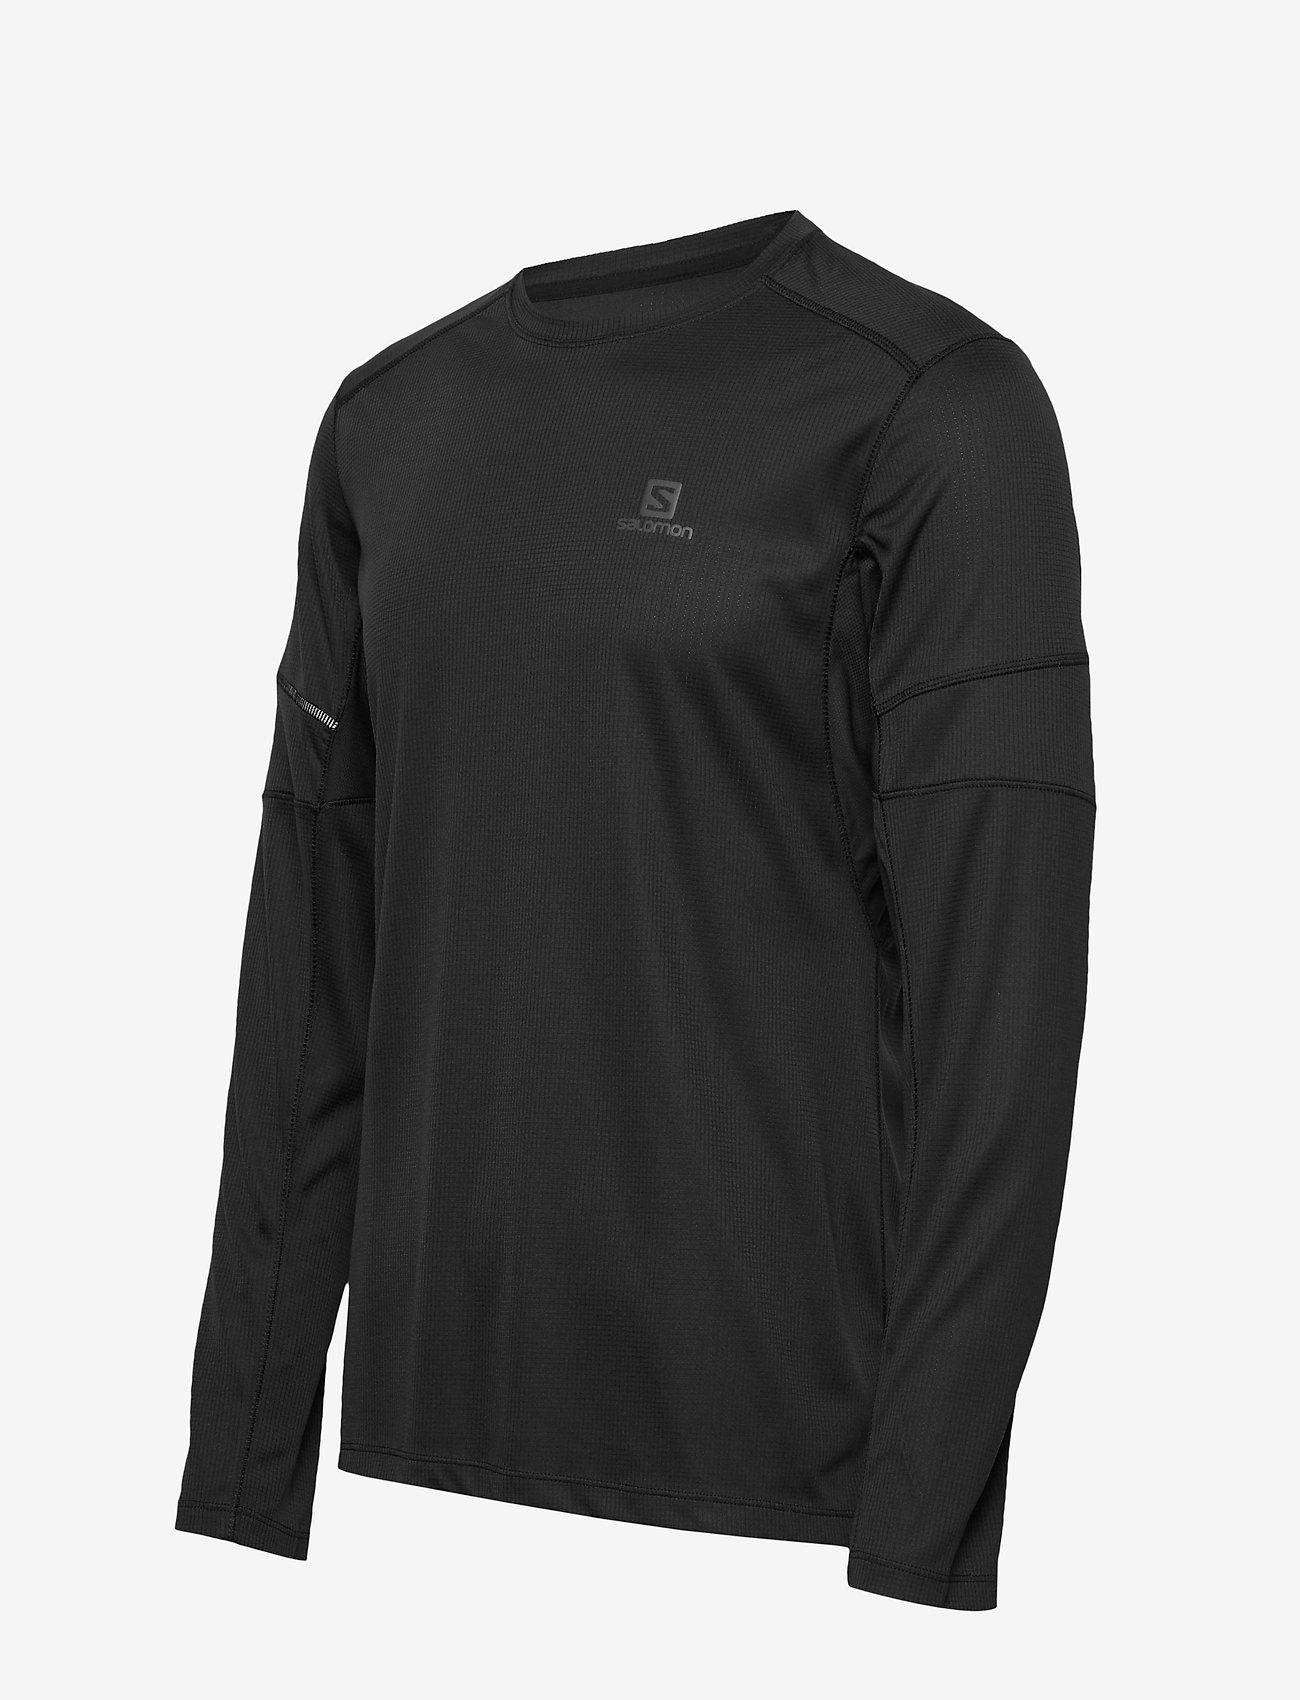 Salomon AGILE LS TEE M - T-skjorter BLACK - Menn Klær